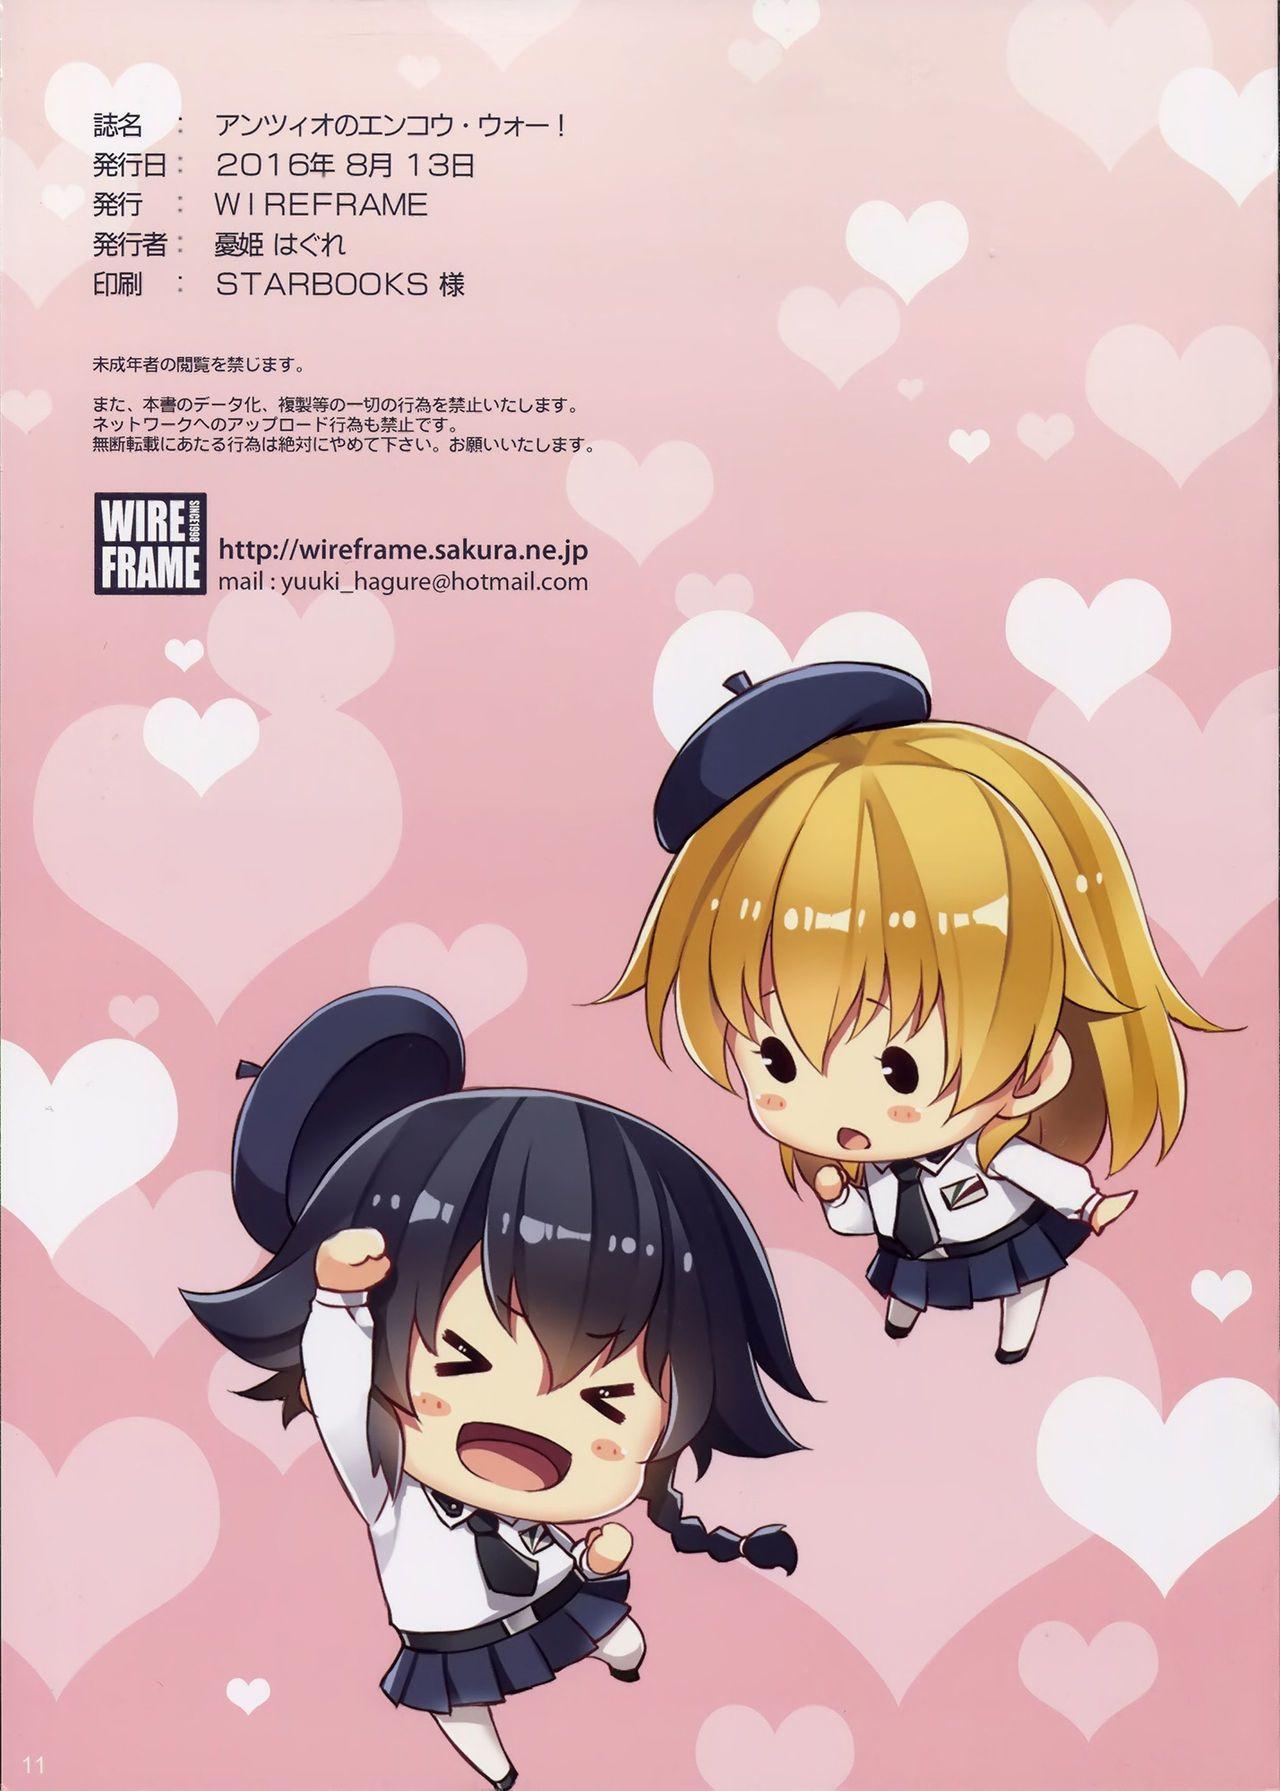 (C90) WIREFRAME (Yuuki Hagure) Anzio no Enkou War! (Girls und Panzer)